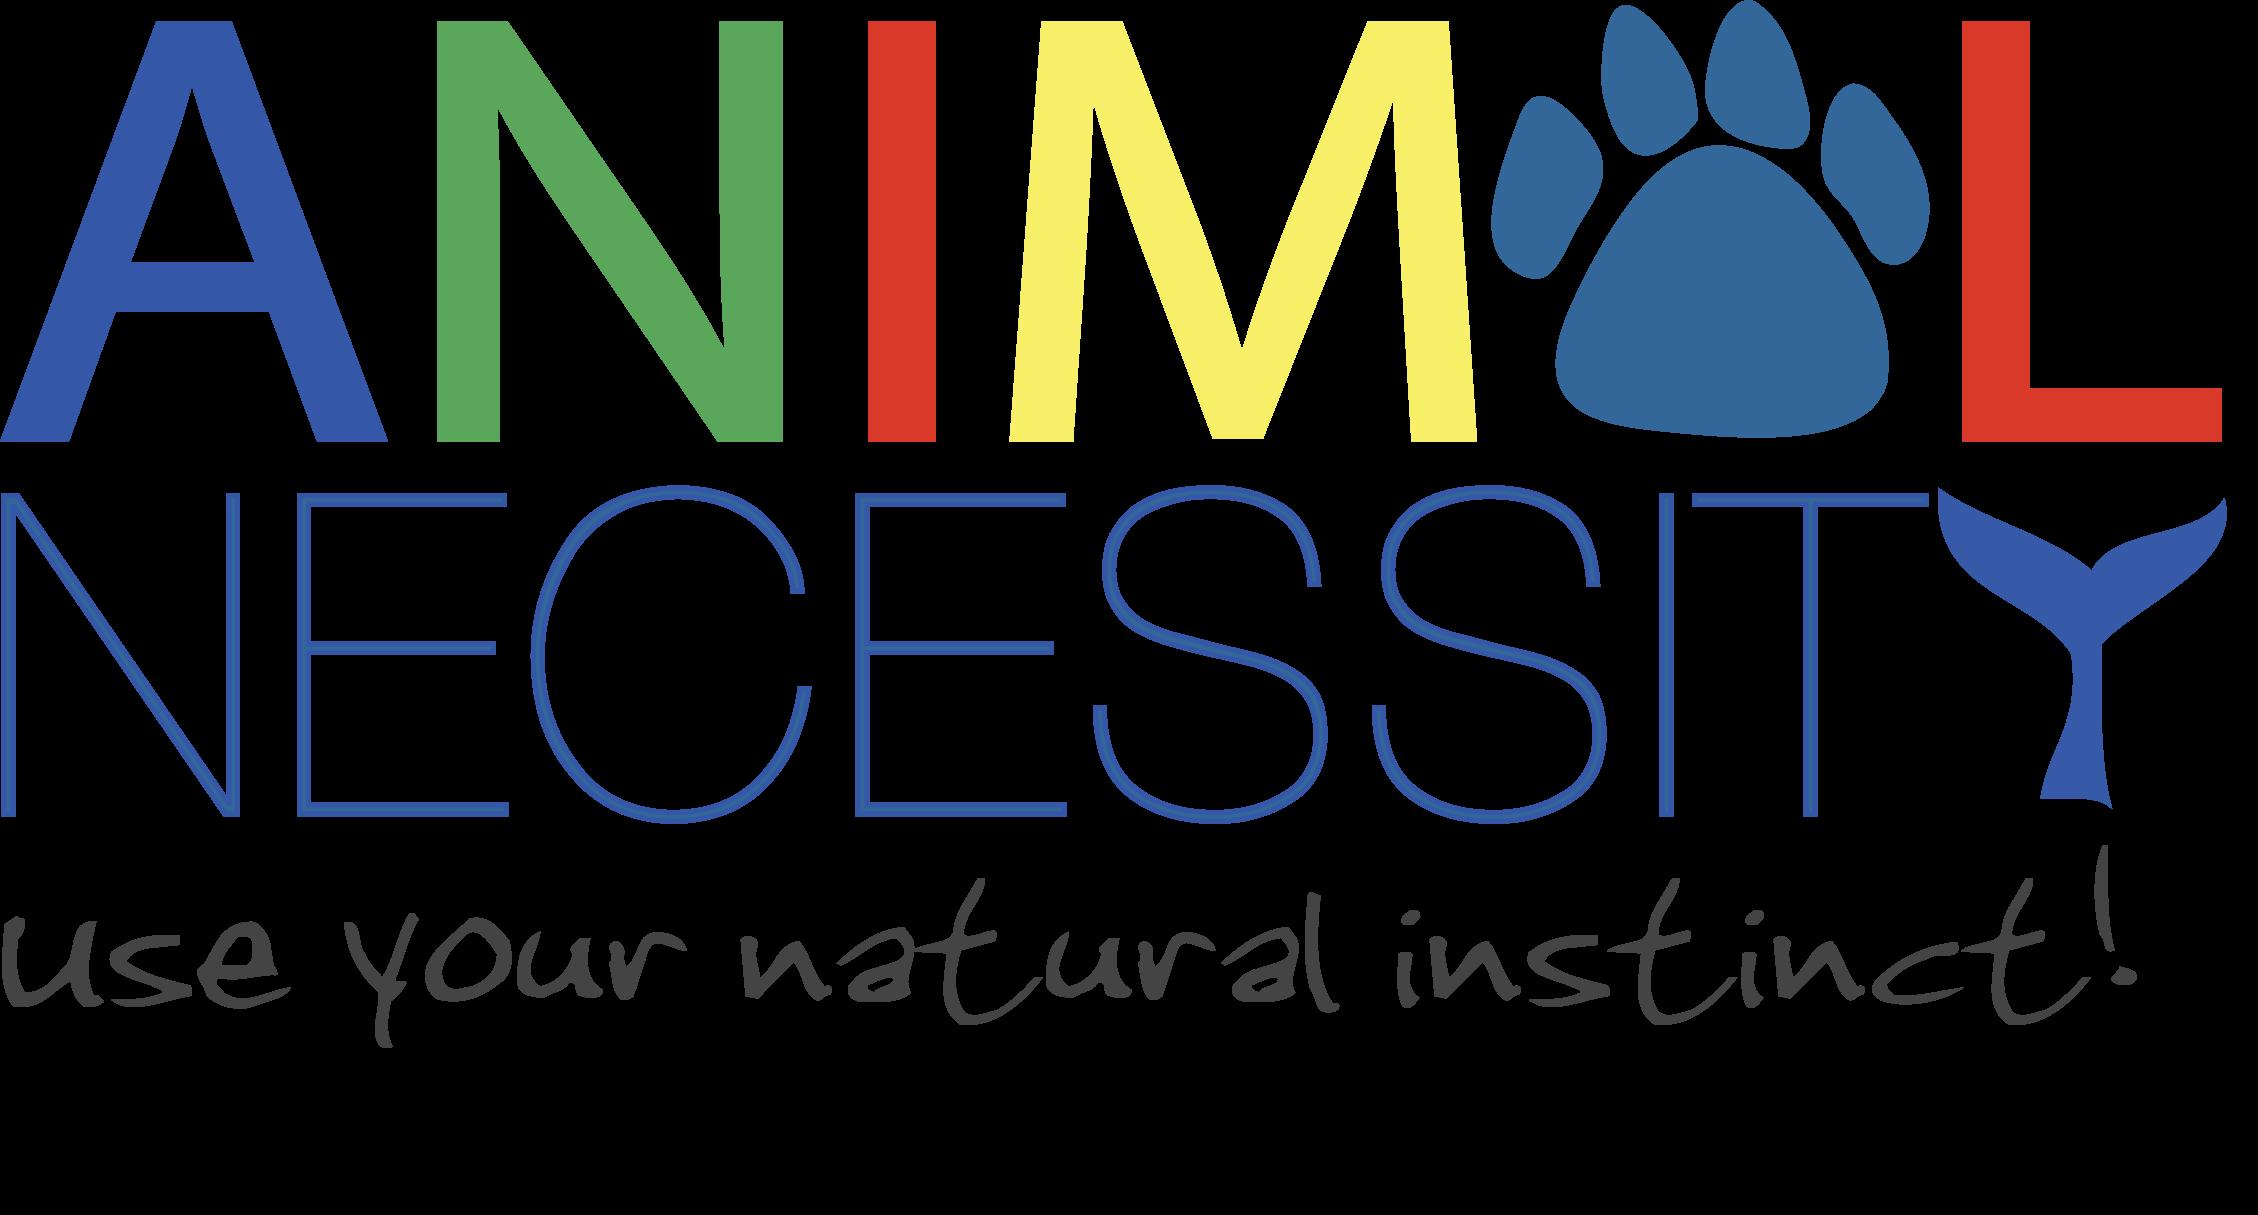 Animal Necessity